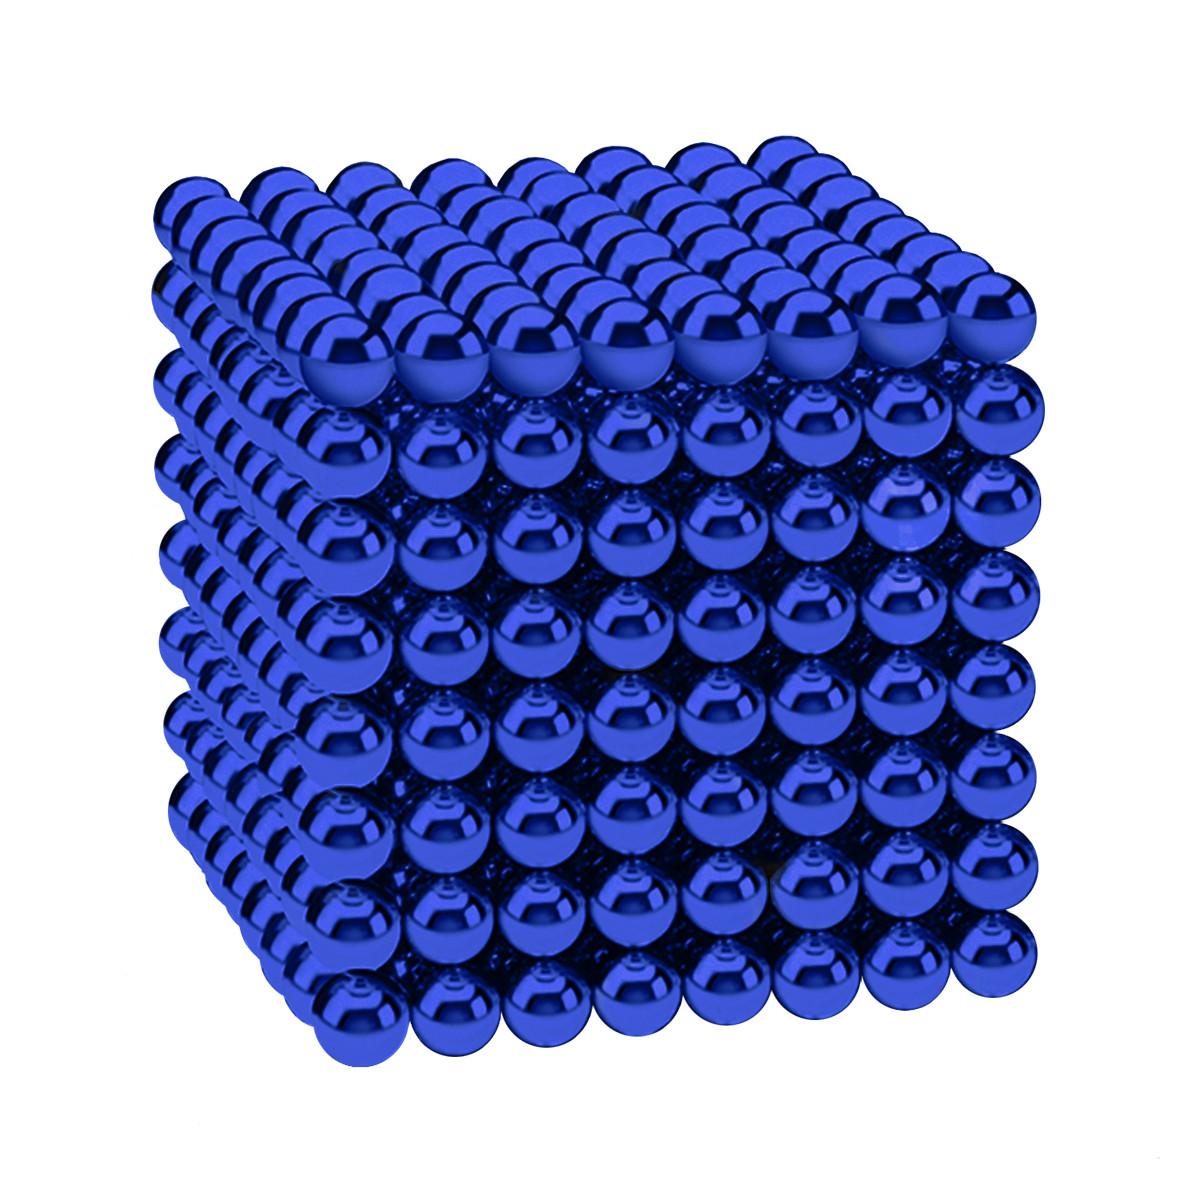 Магнітні кульки-головоломка SKY NEOCUBE (D5) комплект (512 шт) Blue